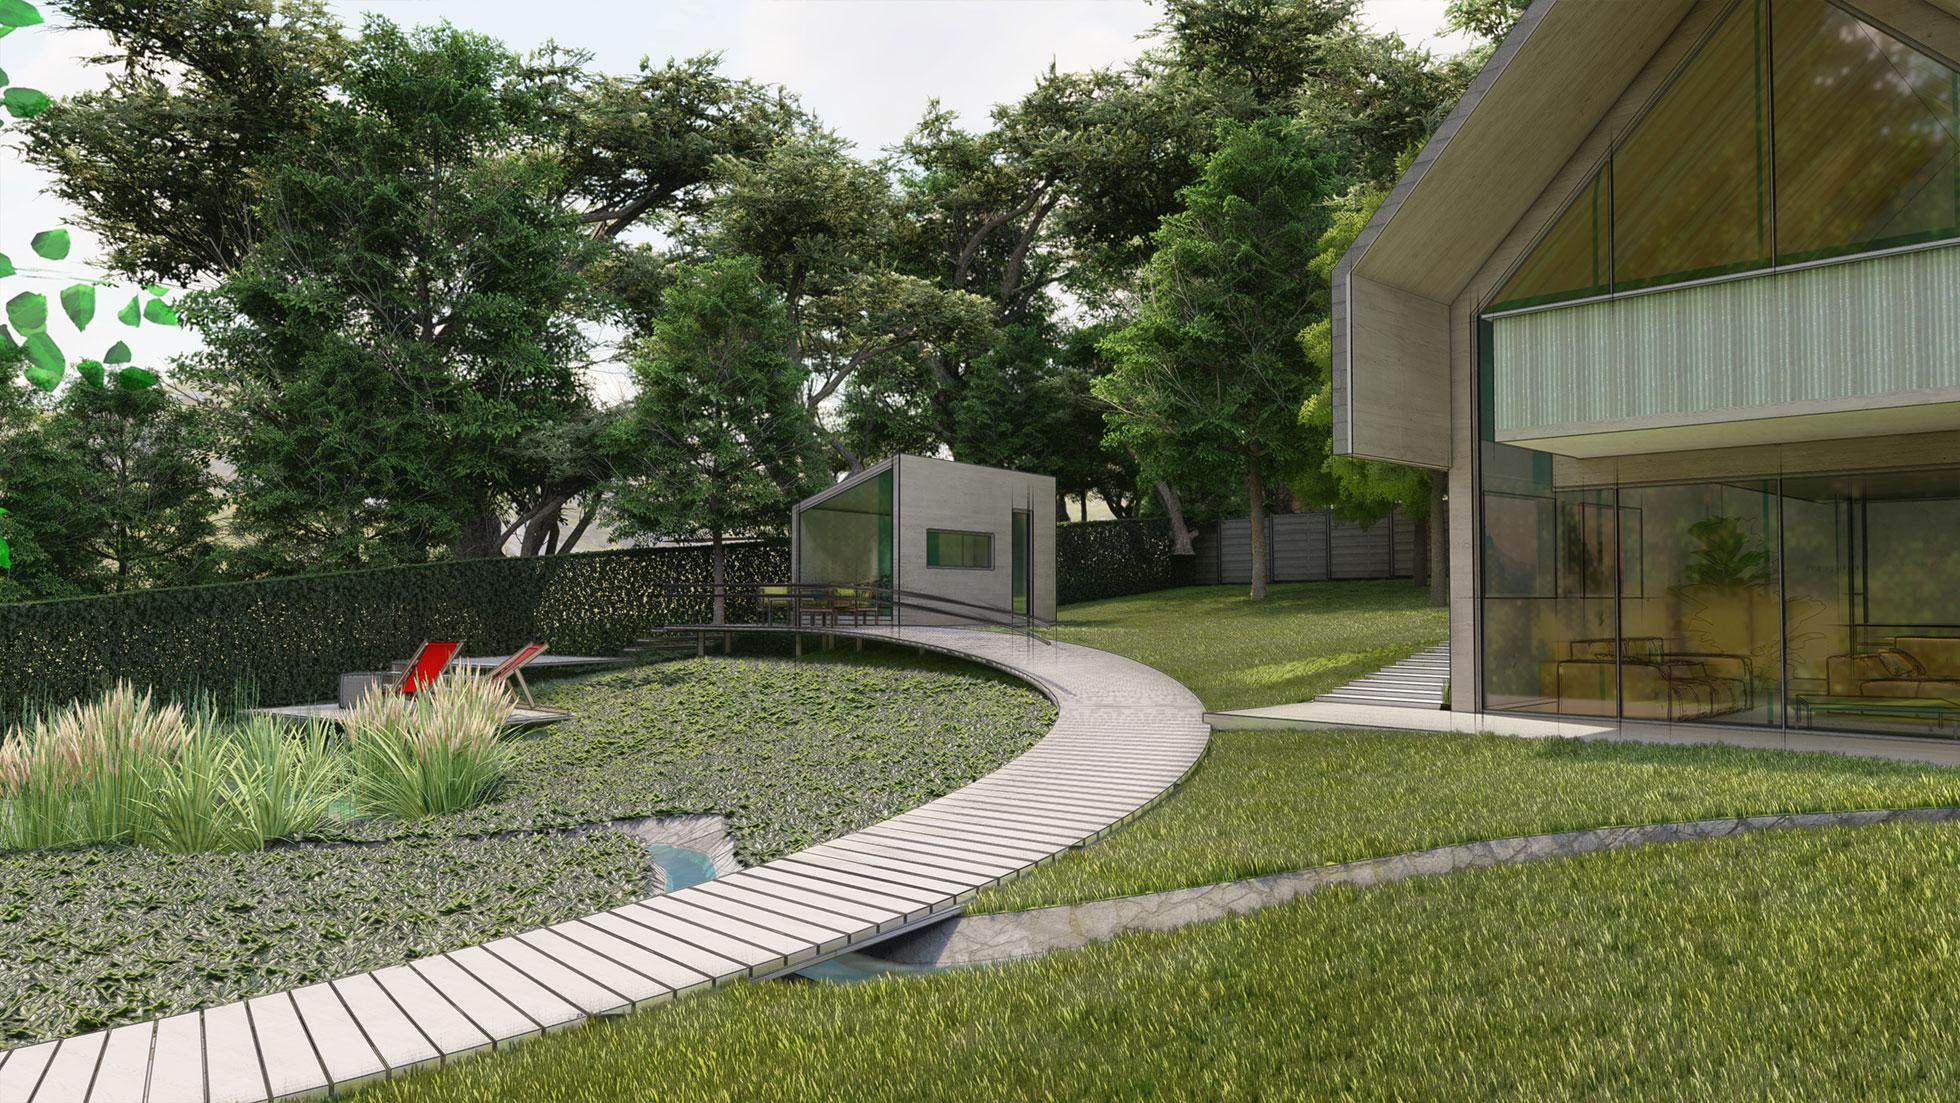 Projekt krajobraznog uređenja, landscape architecture, landscape design, opop studio, željko radišić